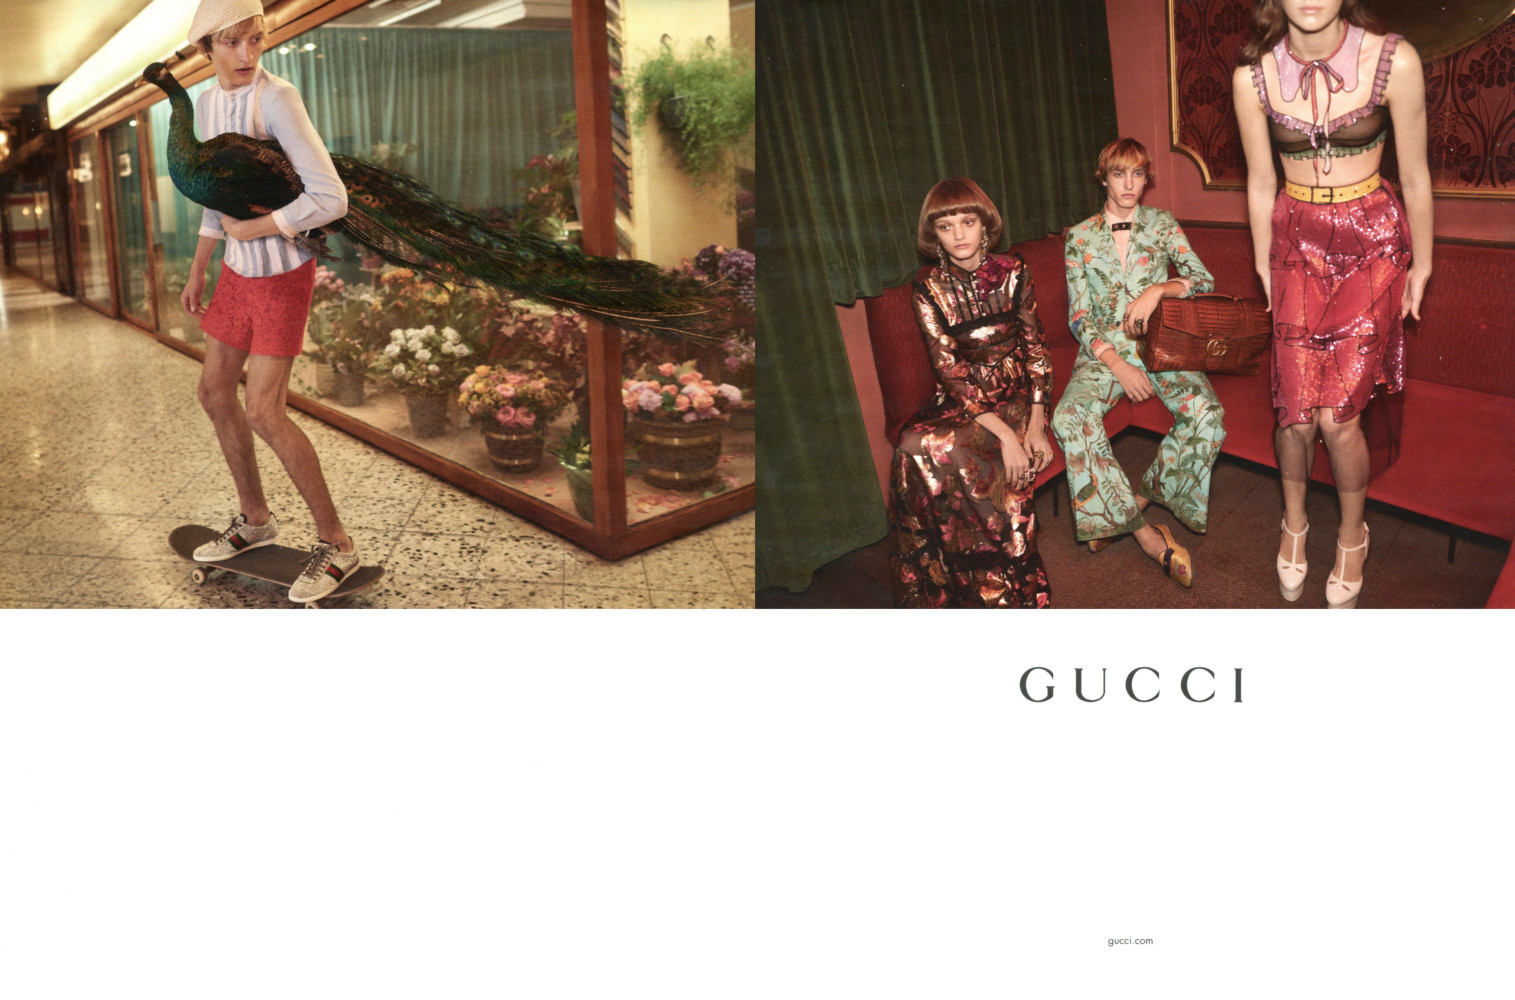 Gucci SS17 campaign